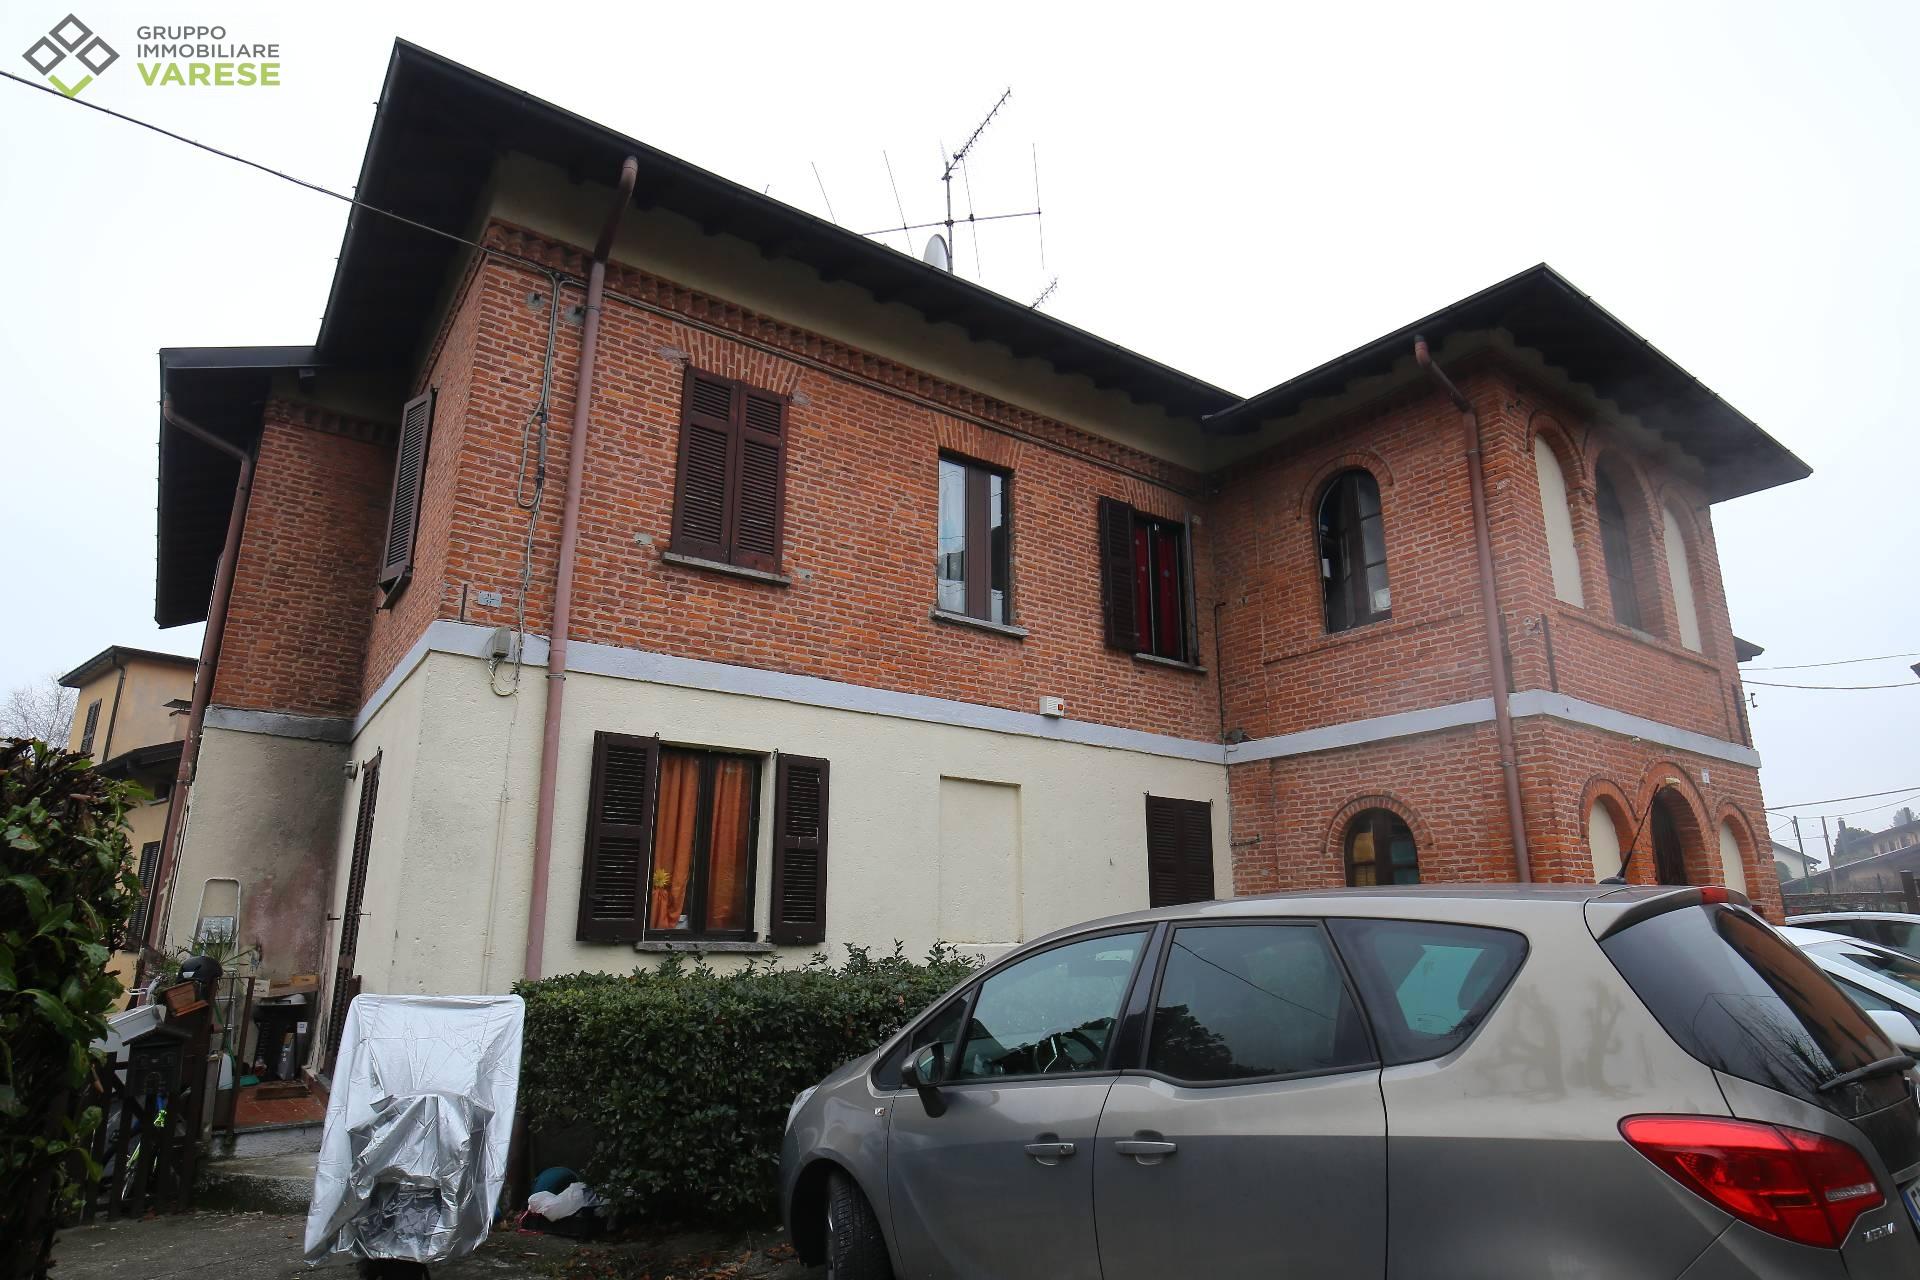 Appartamento in vendita a Barasso, 2 locali, zona Zona: Molina, prezzo € 79.000 | CambioCasa.it